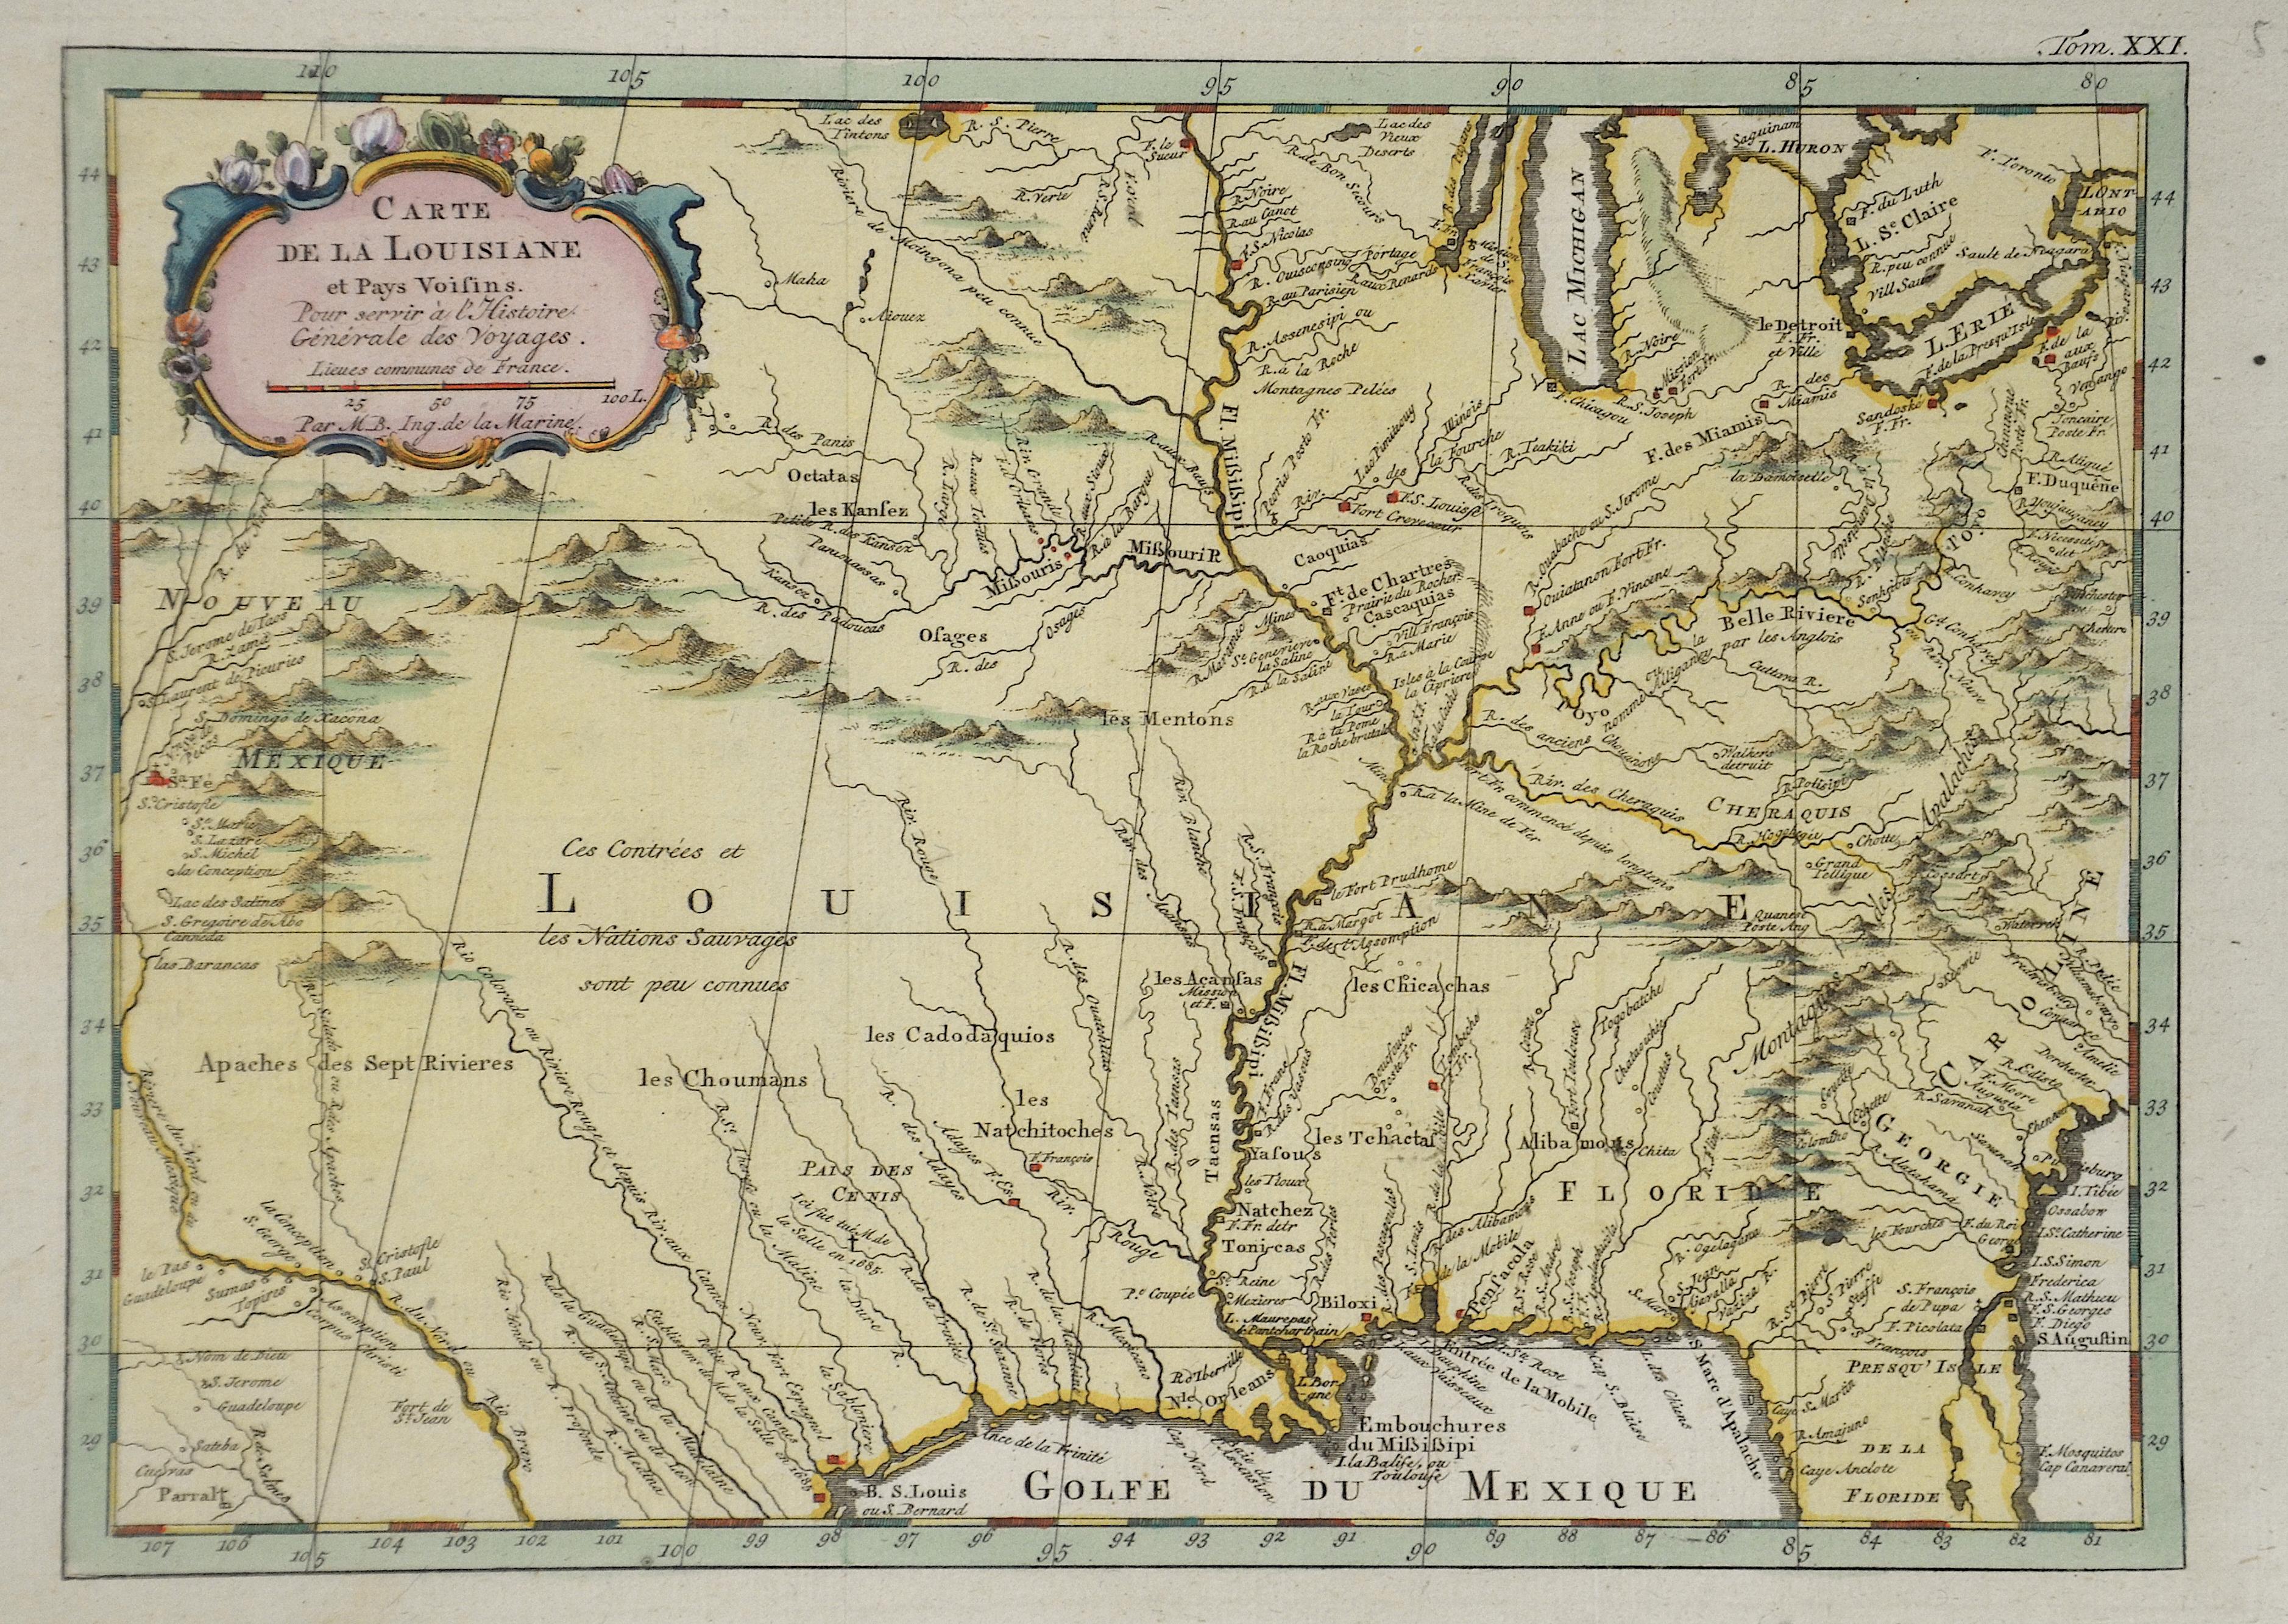 Bellin Jacques Nicolas Carte da la Louisiane et Pays Voisins